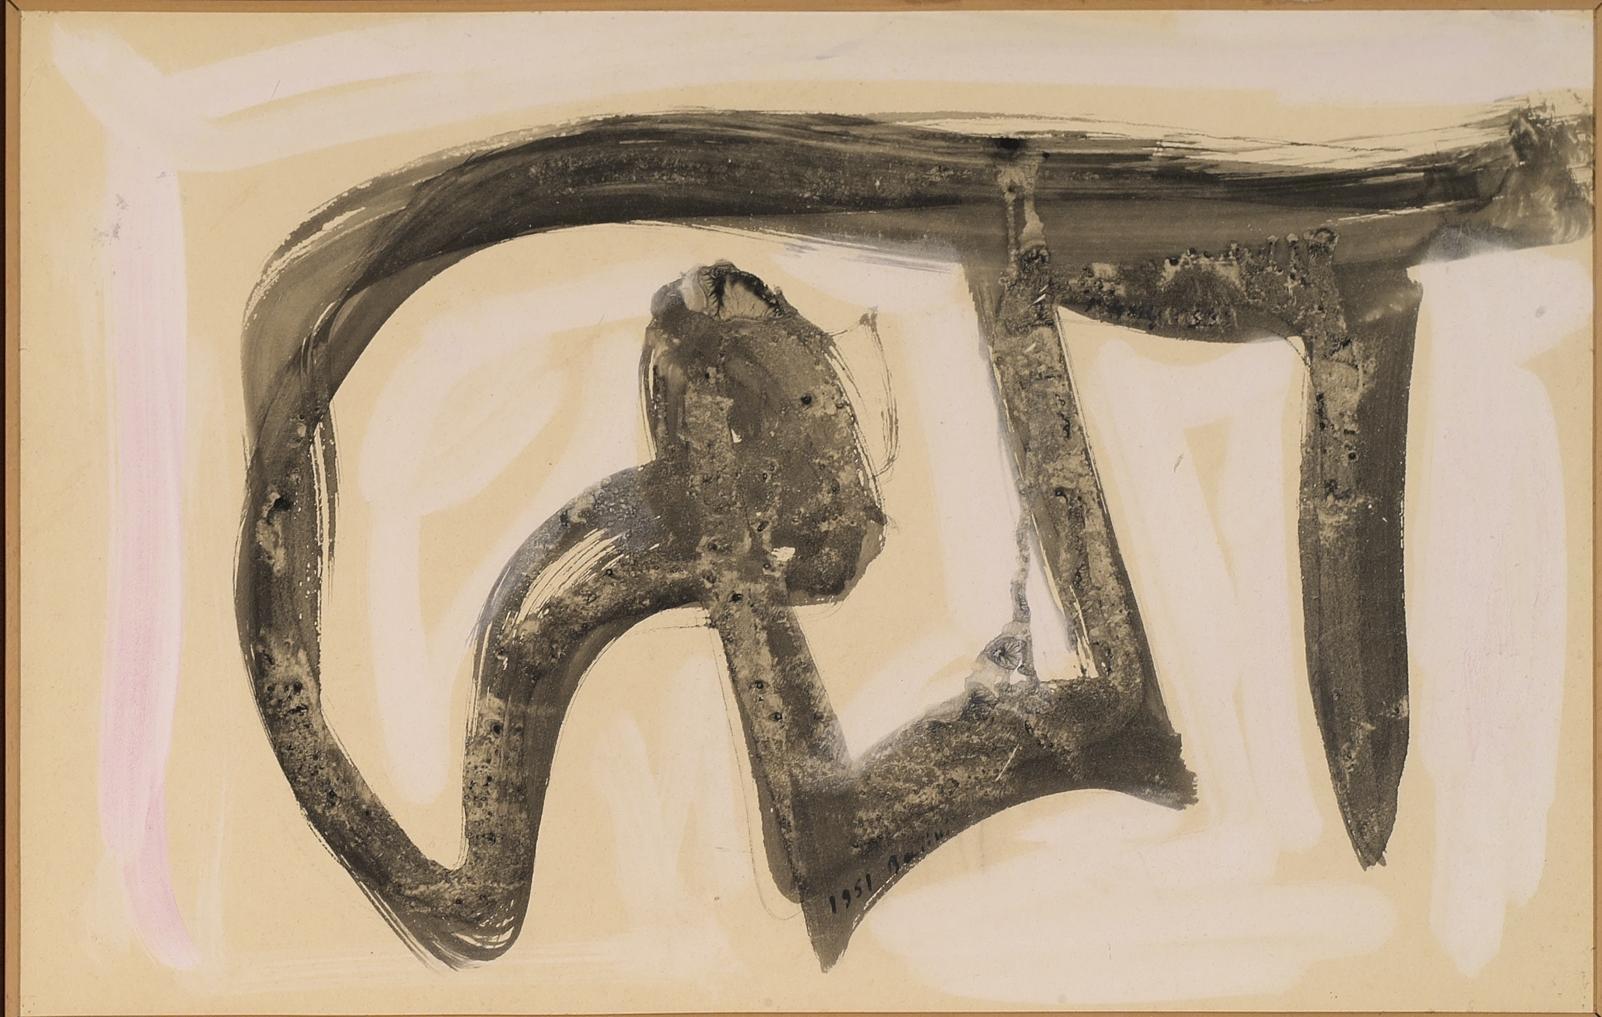 """Senza titolo, dalla serie """"I segni segreti"""", 1951, tempera su carta, cm 44,5 x 70,5  Untitled, from the series """"I segni segreti"""", 1951, tempera on paper, cm 44,5 x 70,5"""